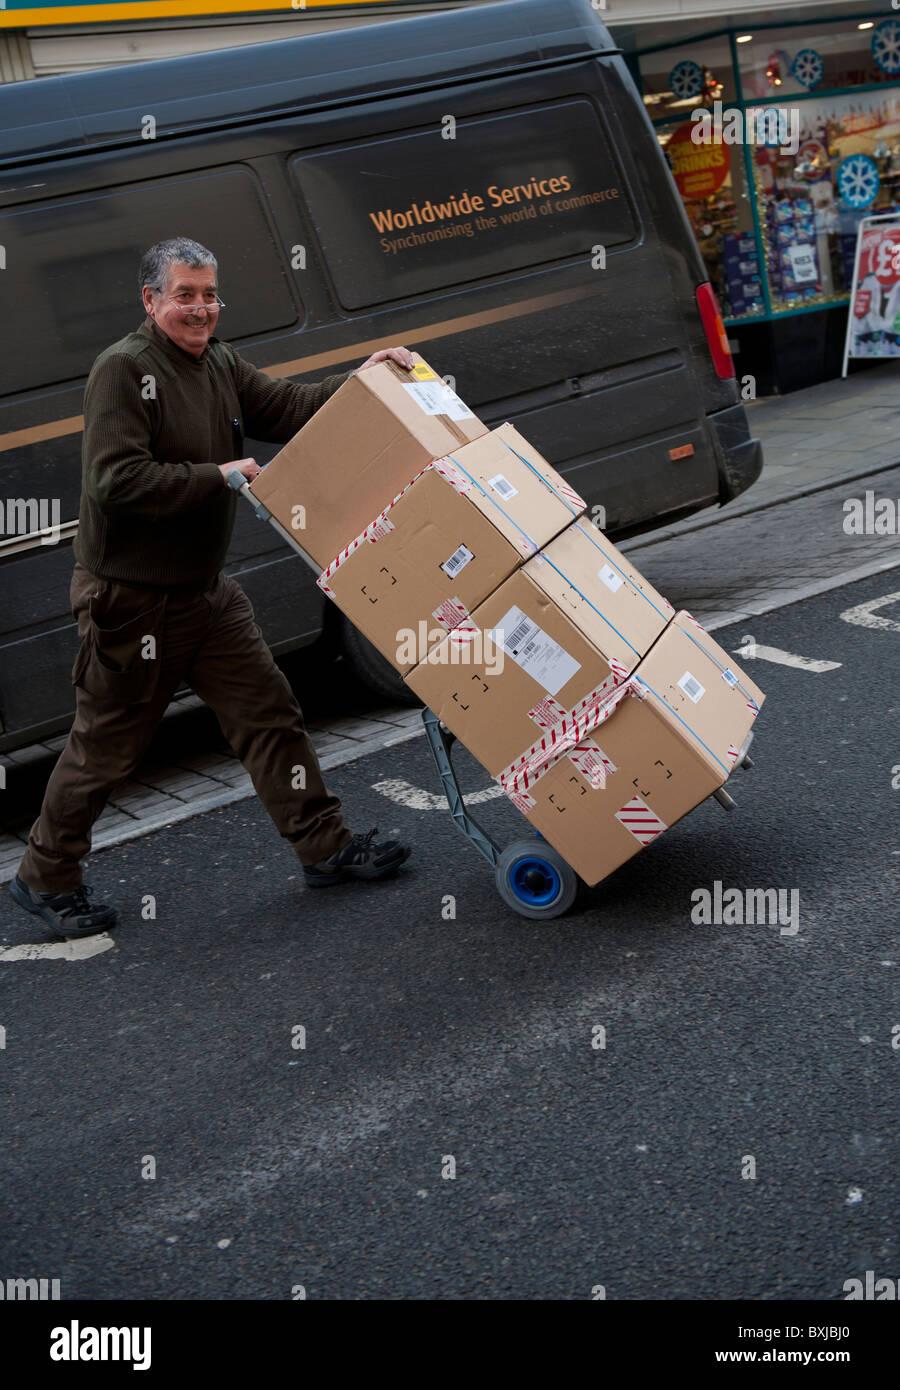 Eine UPS United Parzellen Service-Kurier-Service-Mann liefert einen Stapel von Parzellen an einen Kunden, UK Stockbild